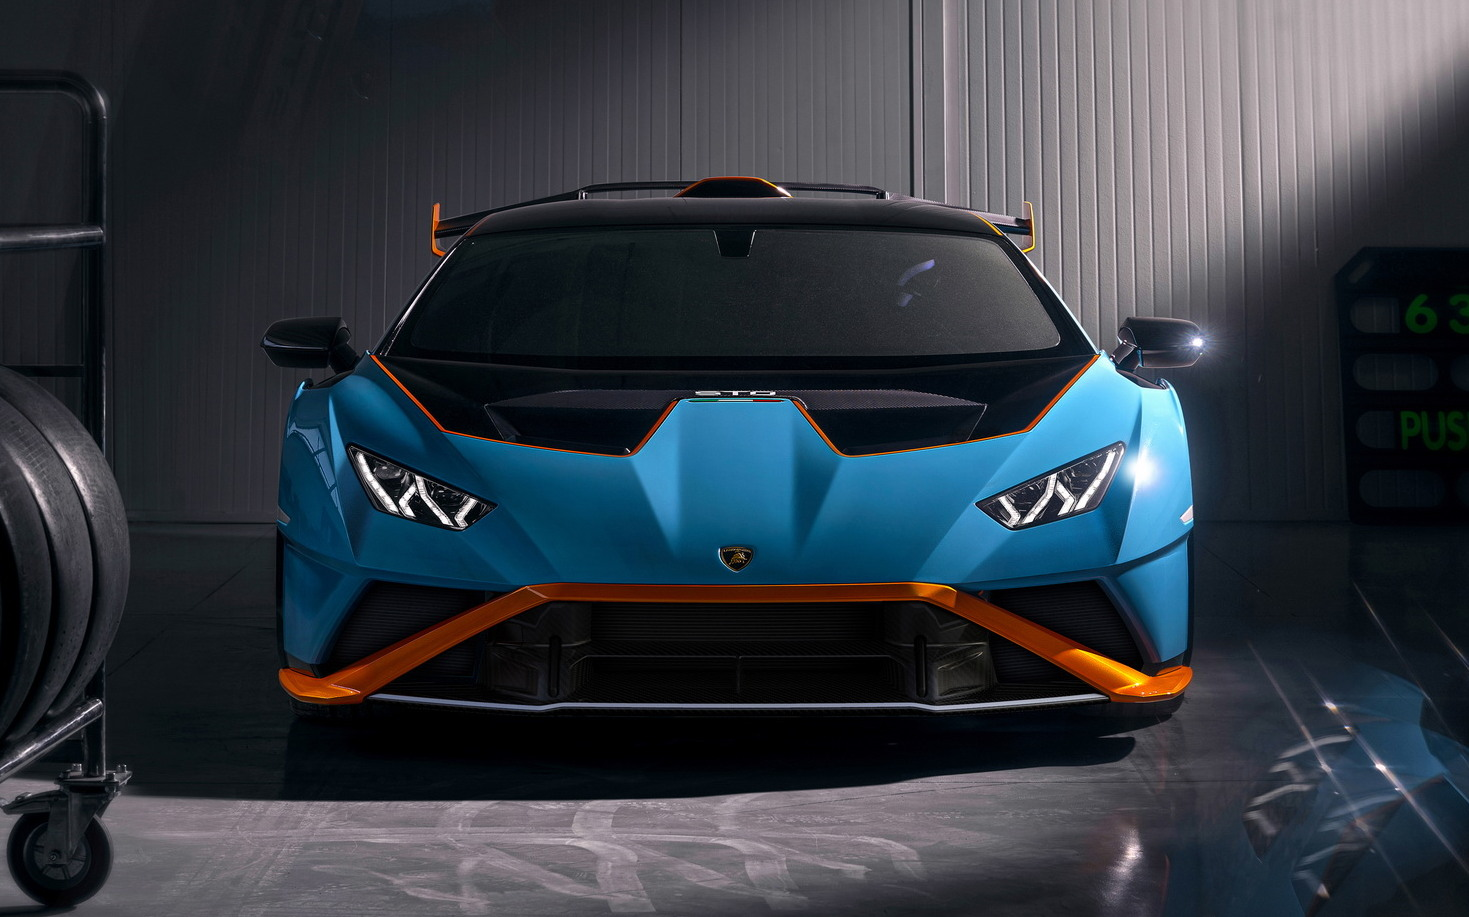 Дебютировал долгожданный Lamborghini Huracan STO (аббревиатура расшифровывается как Super Trofeo Omologata), максимально ориентированный на трек, но допущенный и на дороги общего пользования.